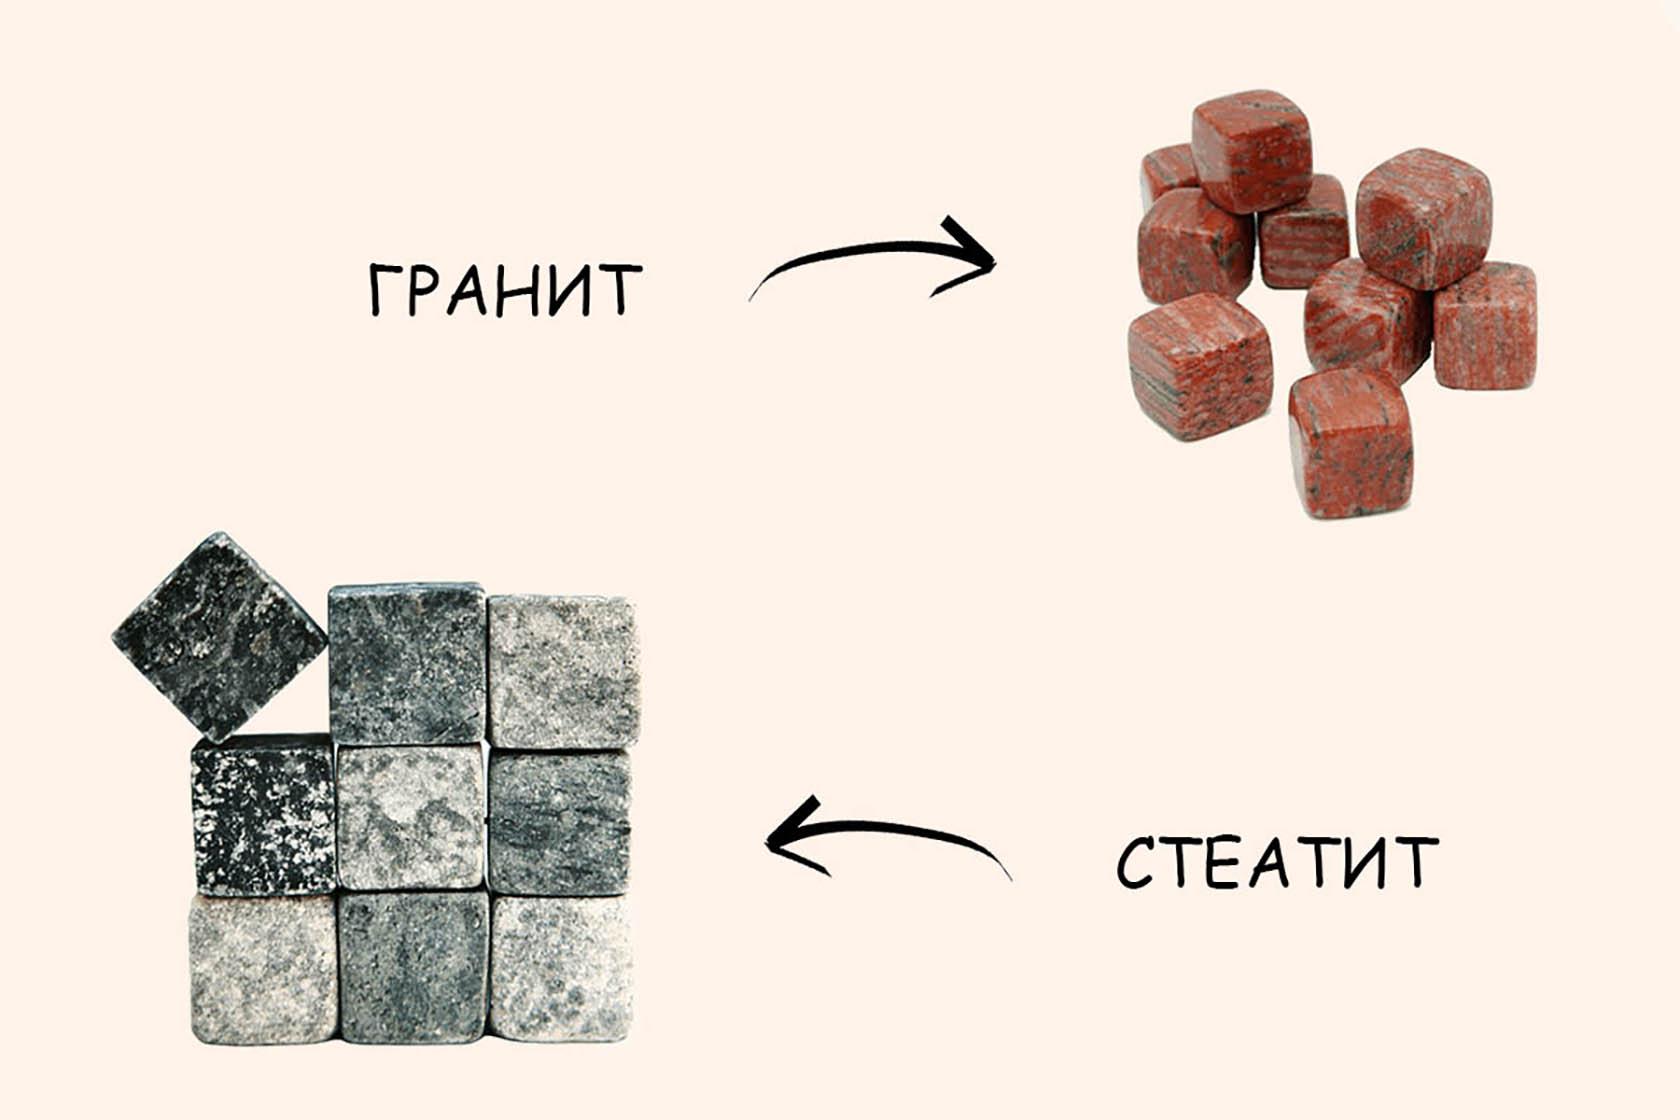 Чим відрізняються гранітний і стеатитовий камені